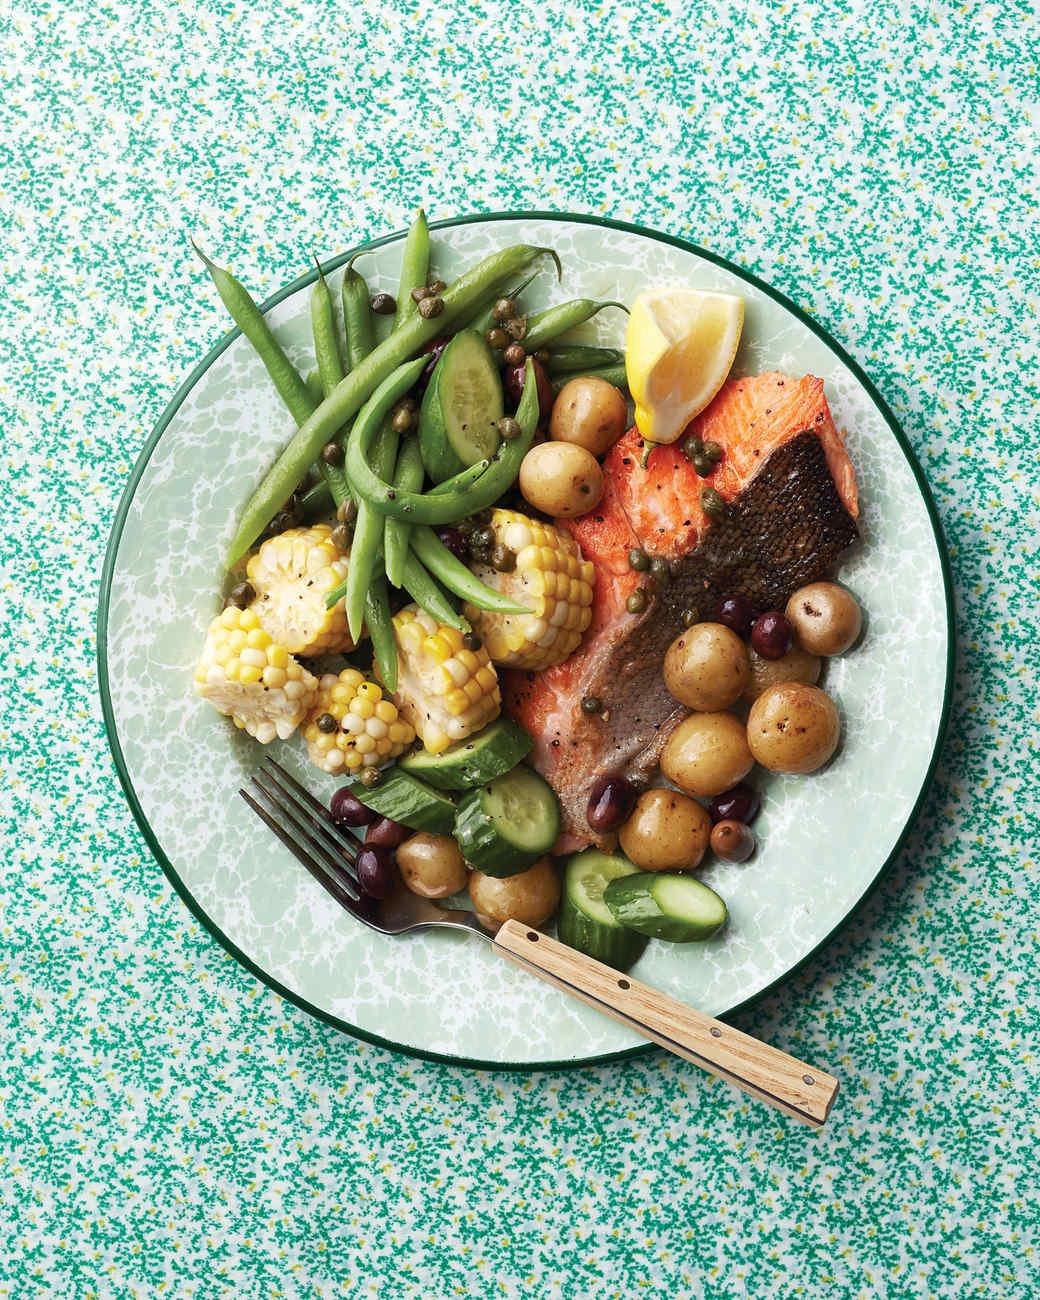 salmon-nicoise-092-d112989.jpg